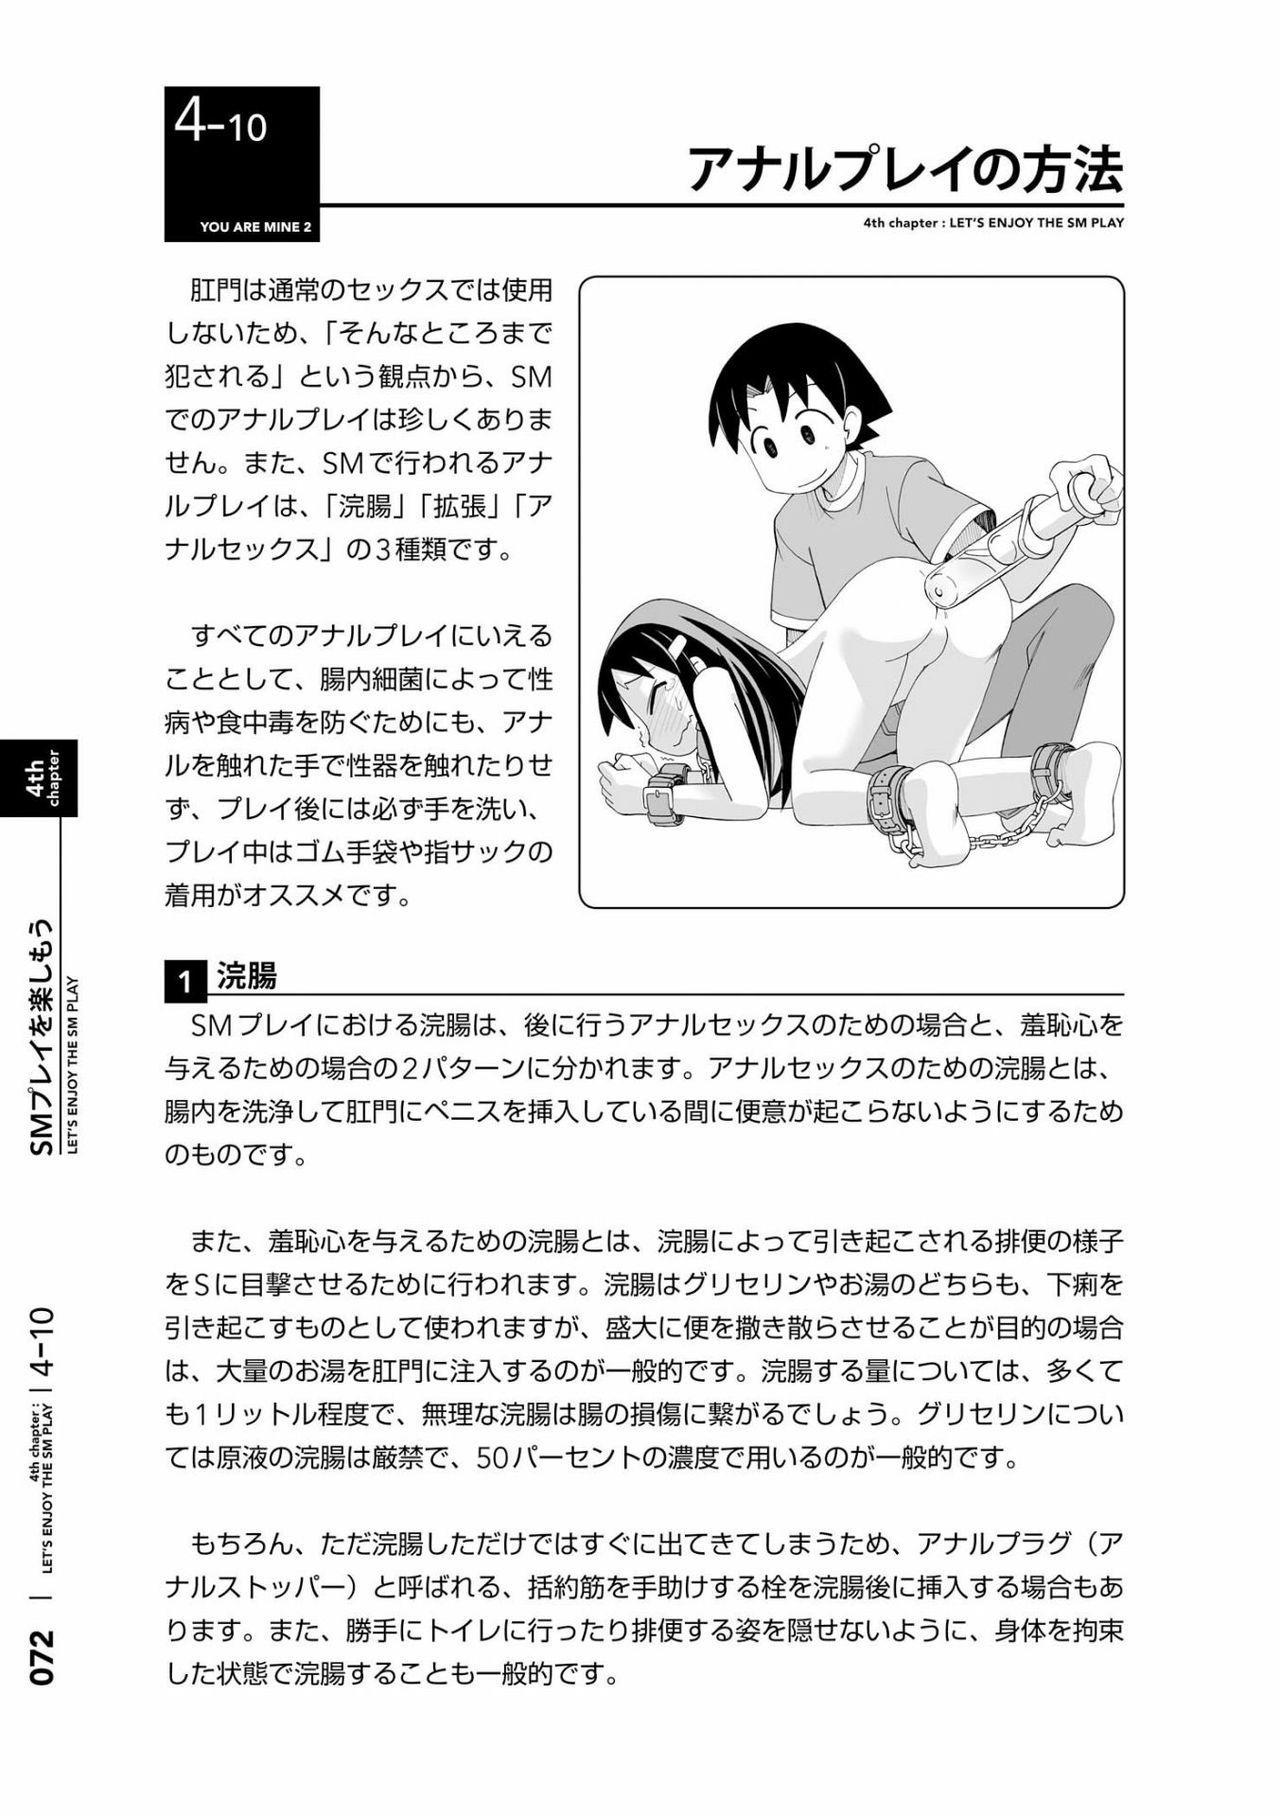 [Mitsuba] Karada mo Kokoro mo Boku no Mono ~Hajimete no SM Guide~ 2 [Digital] 74